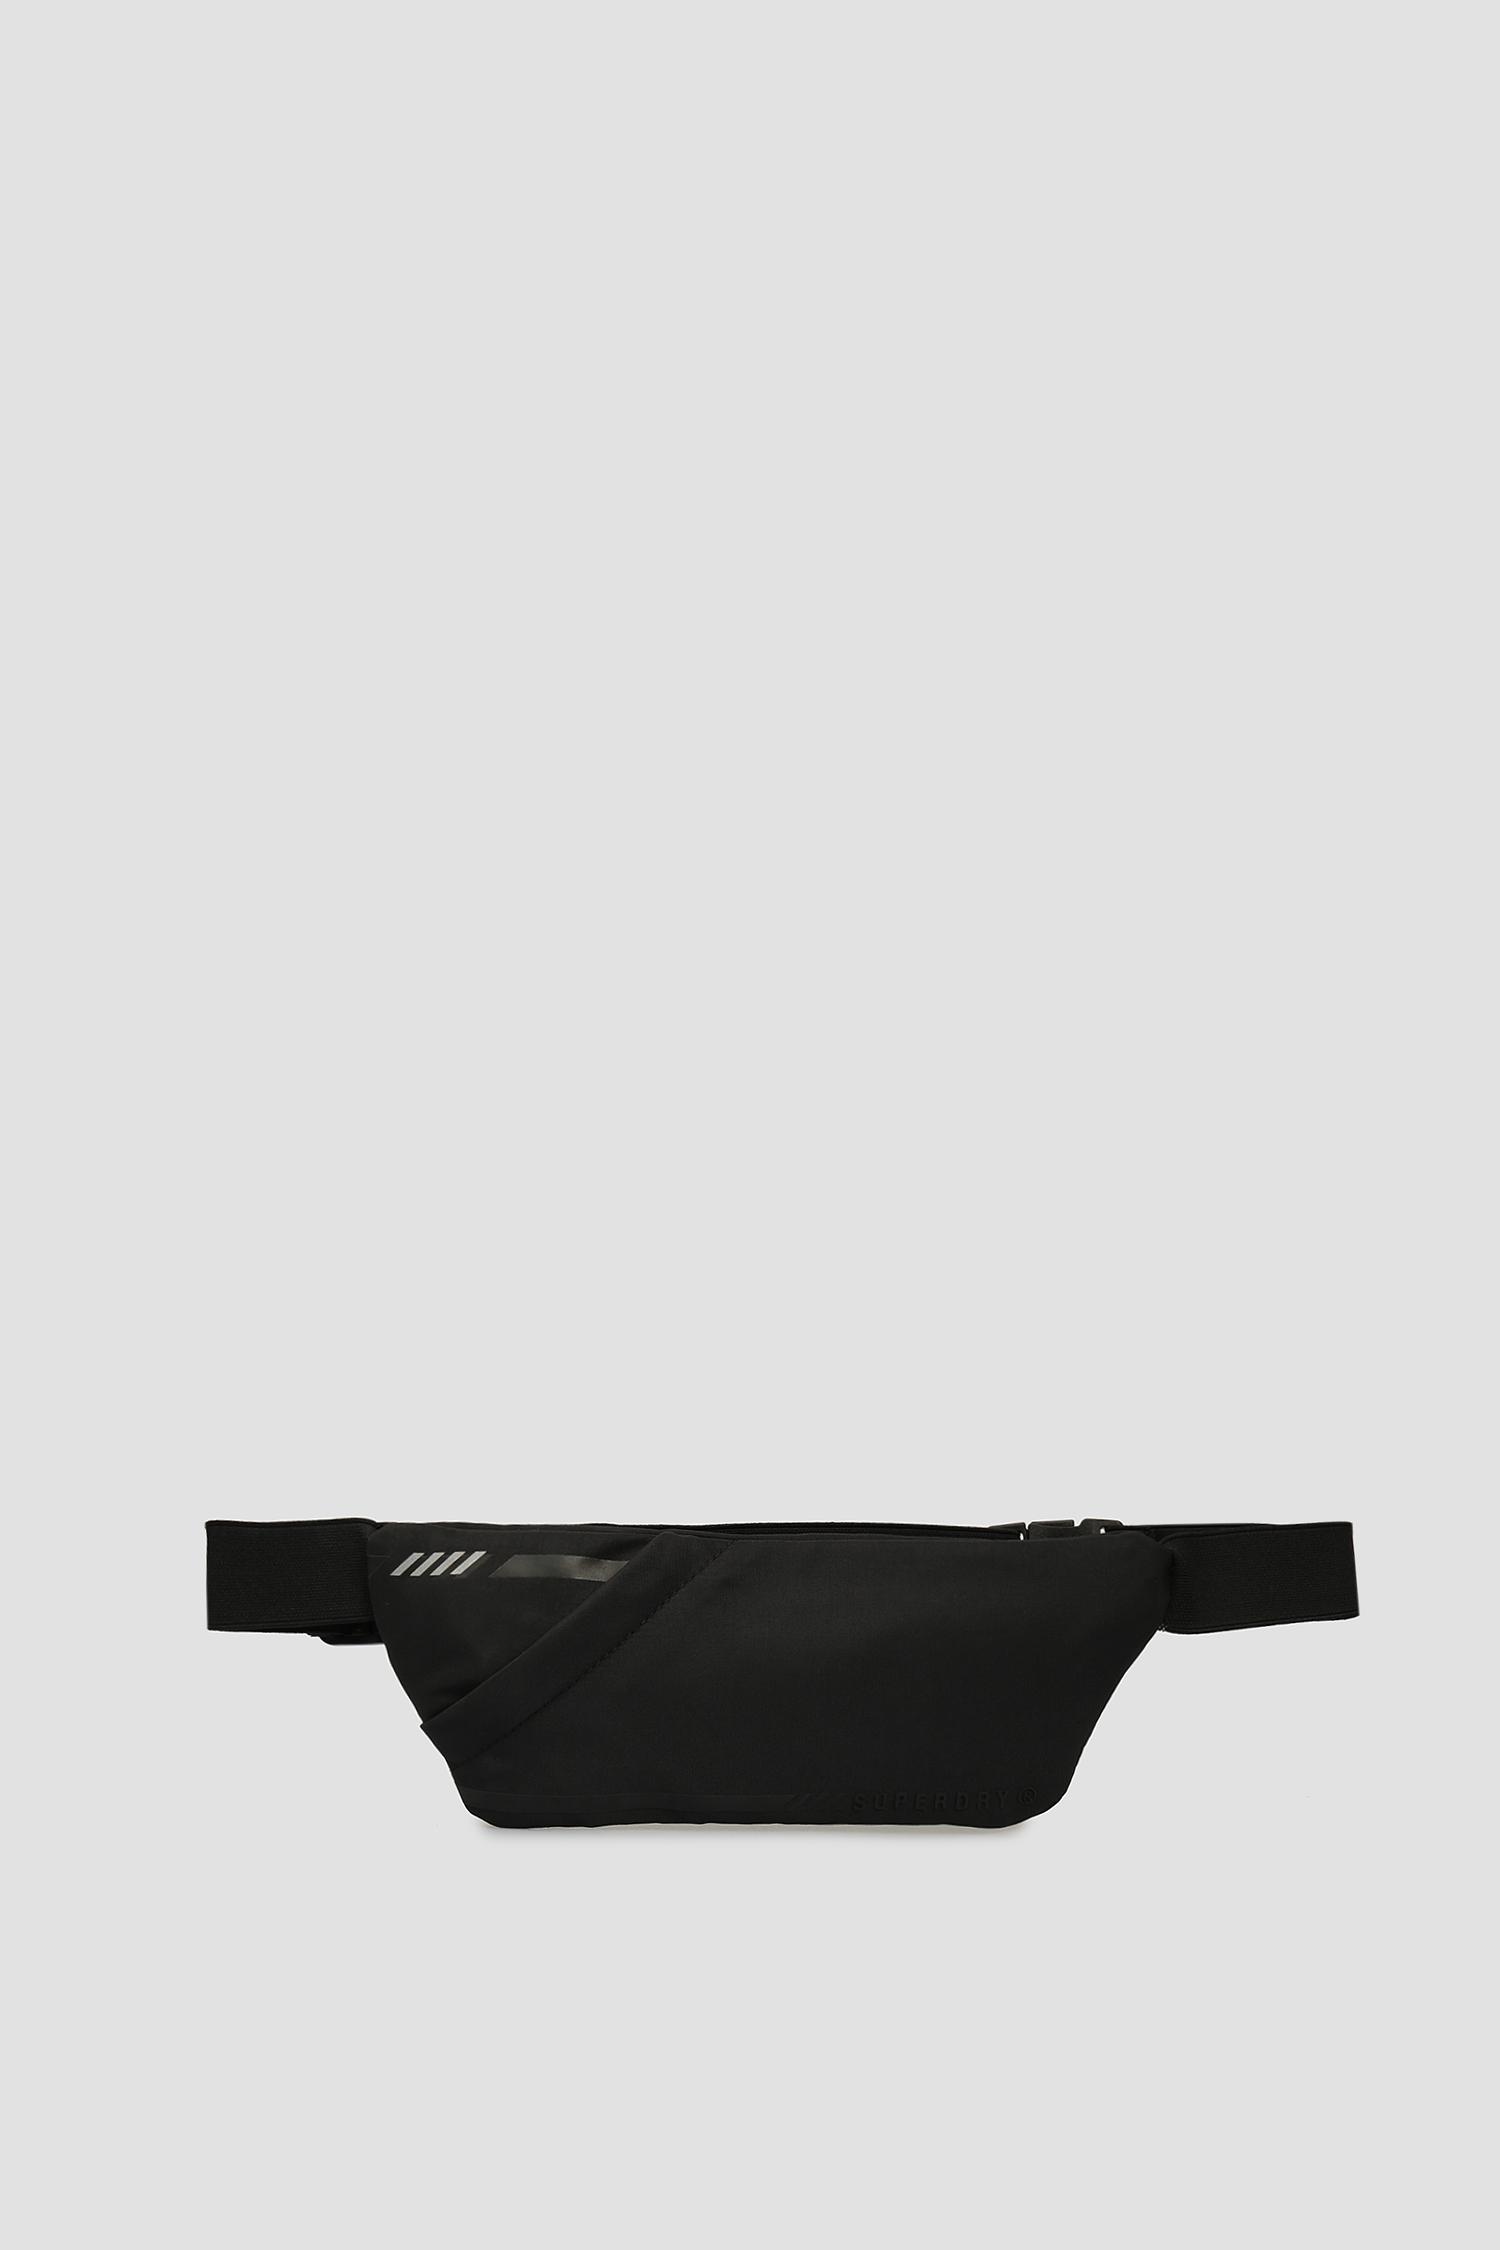 Мужская черная поясная сумка SuperDry MS410025A;02A